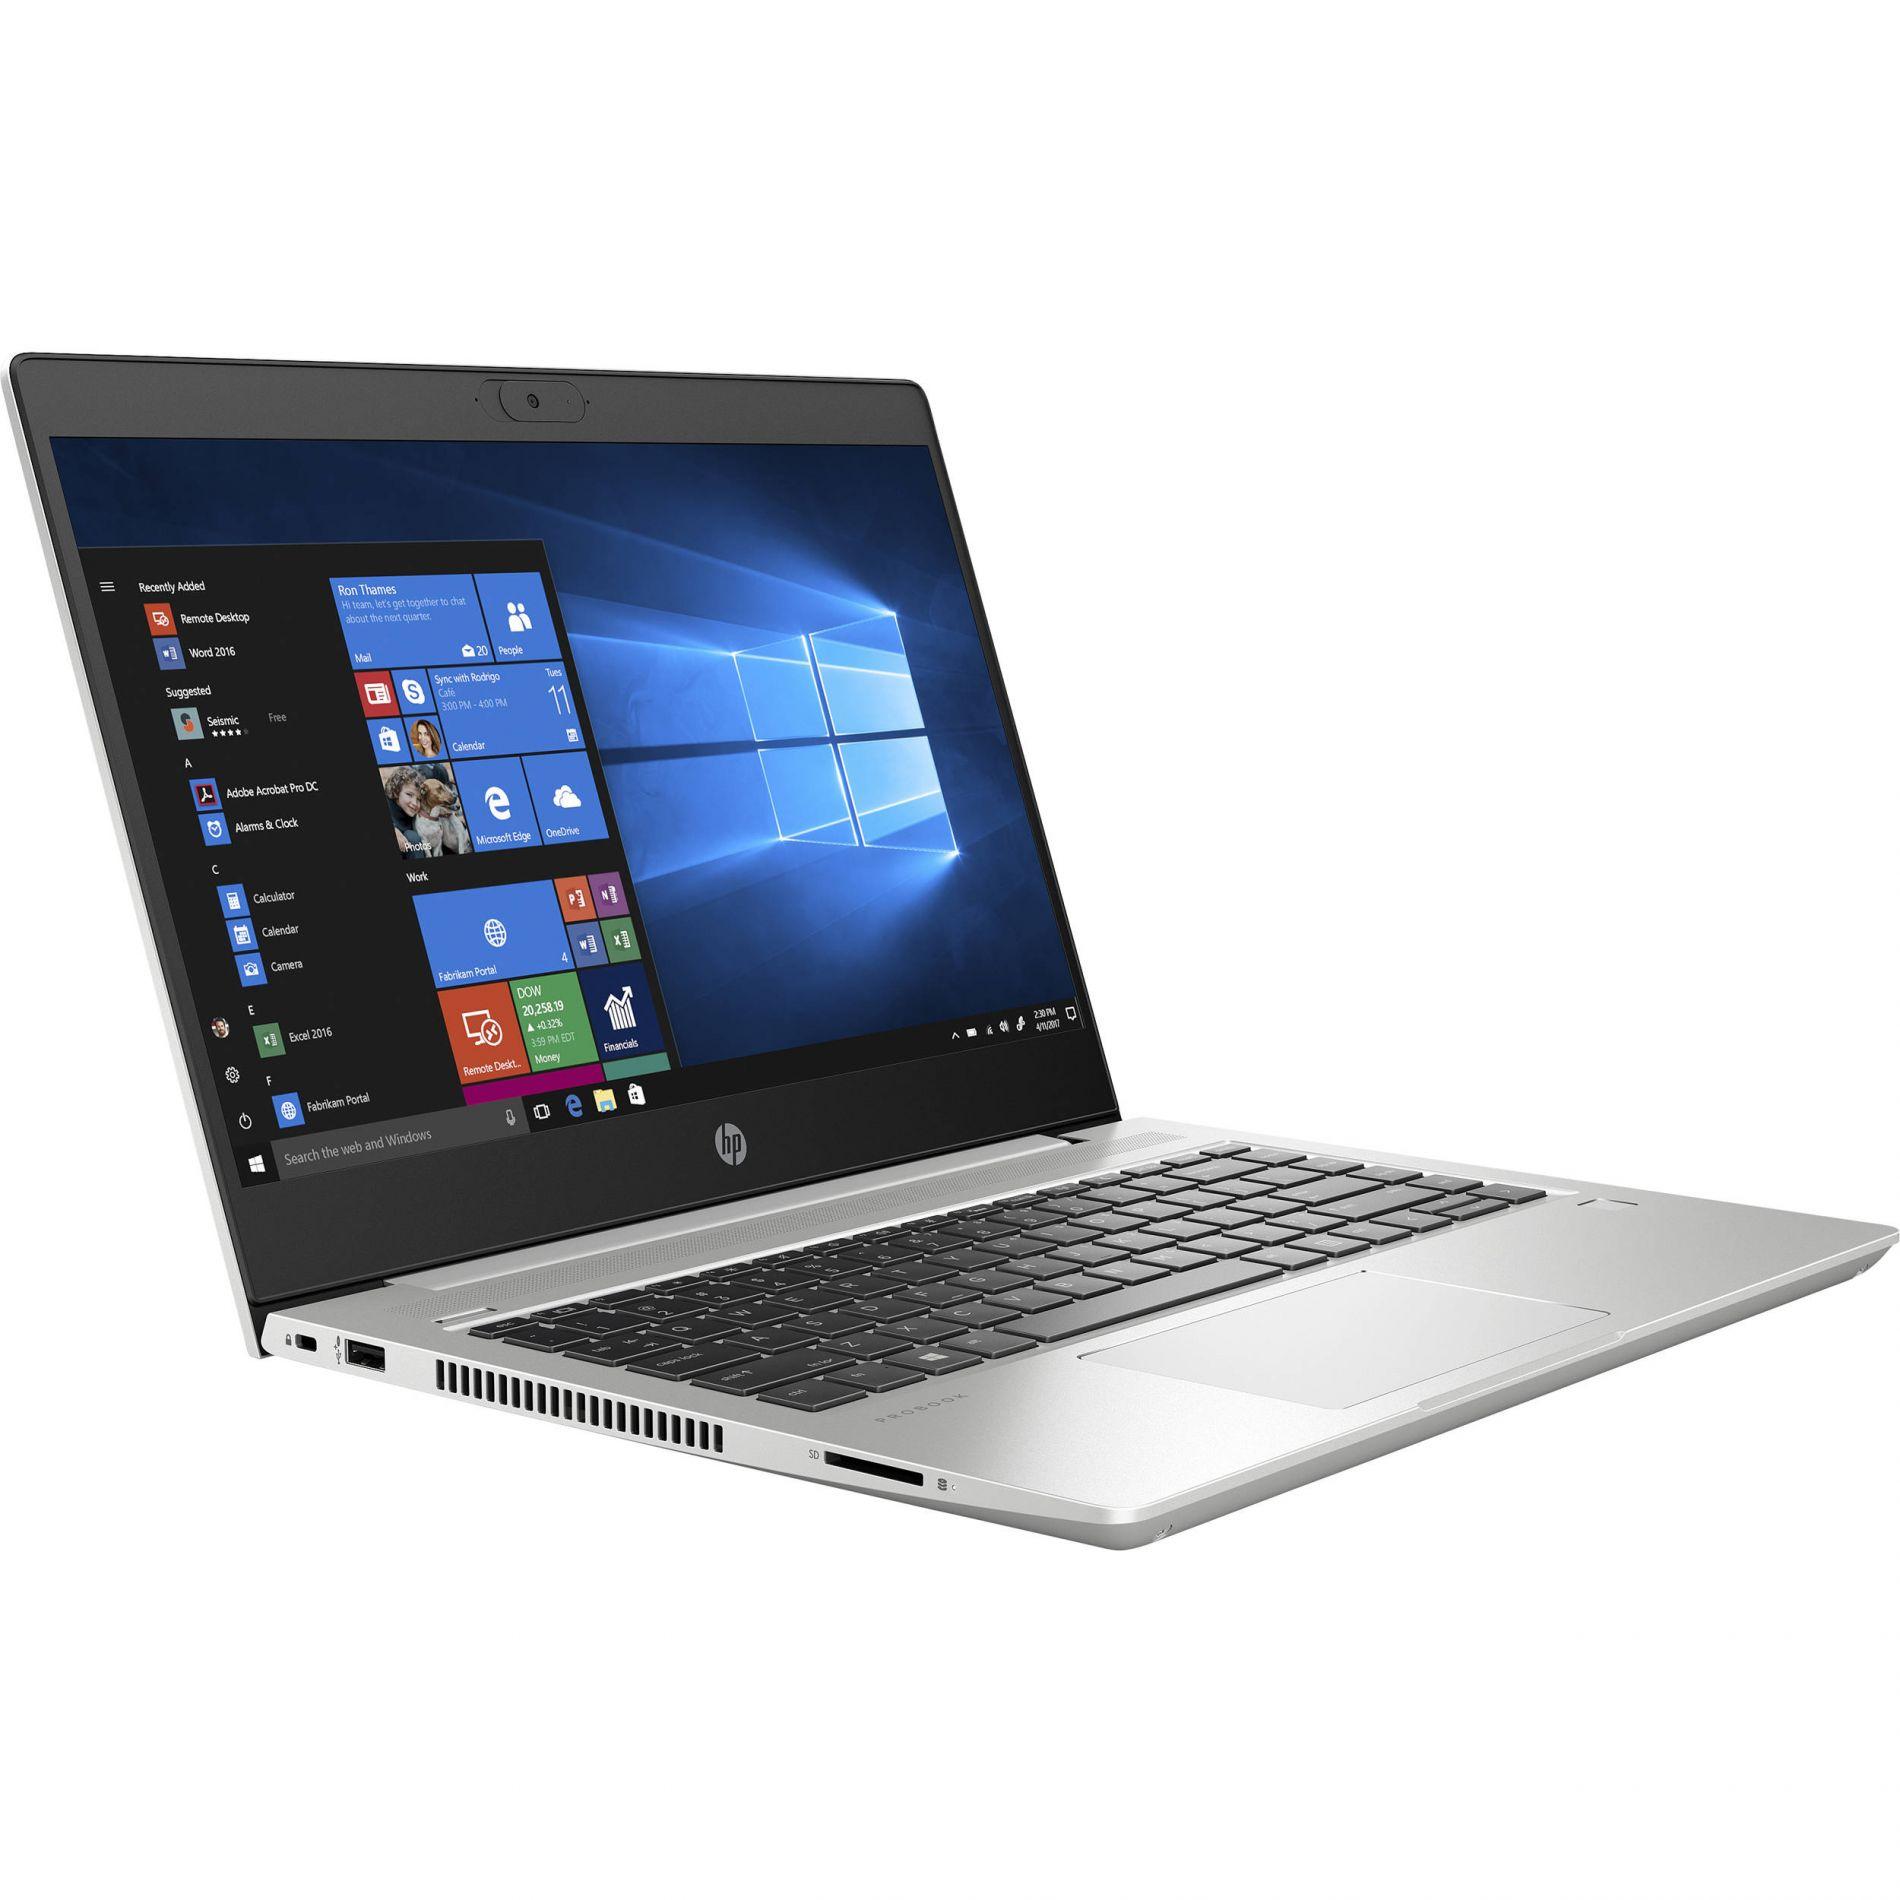 laptop-hp-probook-440-g7-pantalla-14-hd-intel-core-i7-10510u-ram-4gb-disco-1tb-sata-video-geforce-mx20-2gb